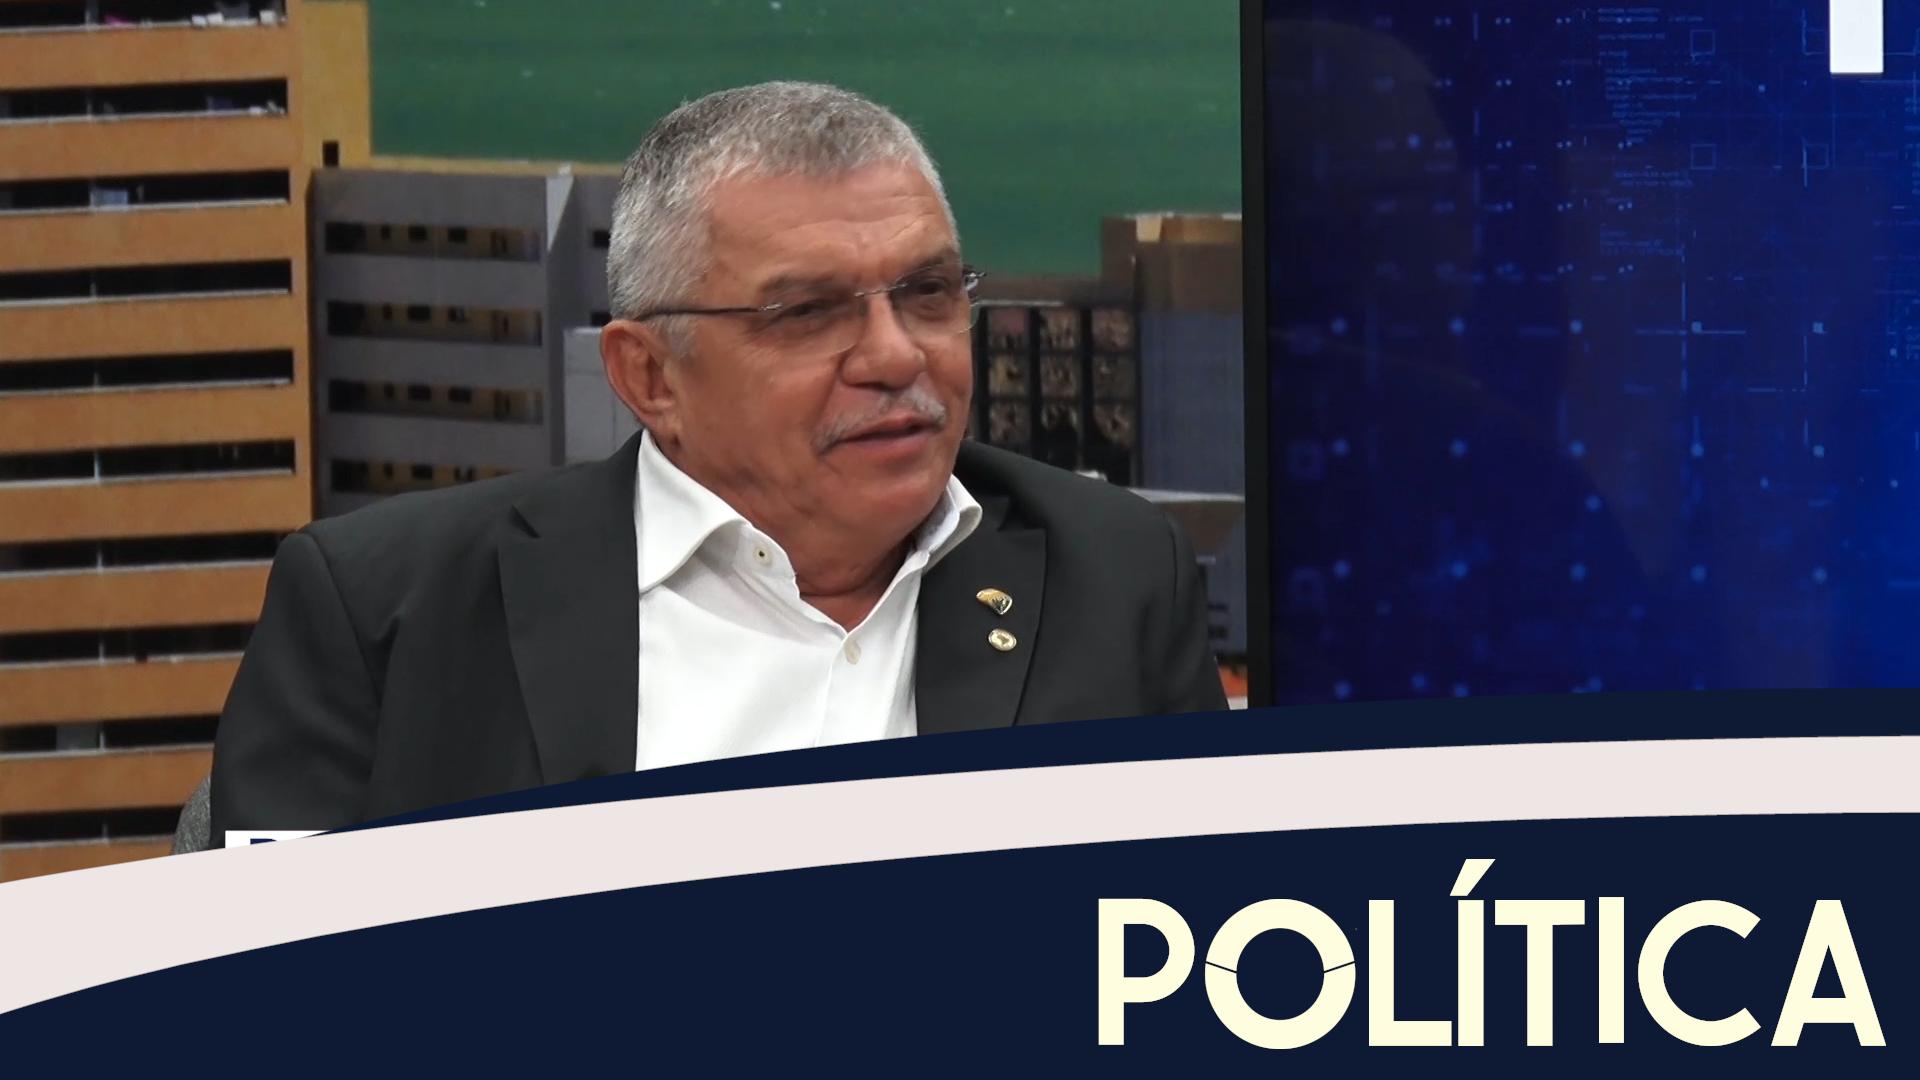 Política entrevista Delegado Cavalcante, Deputado Estadual